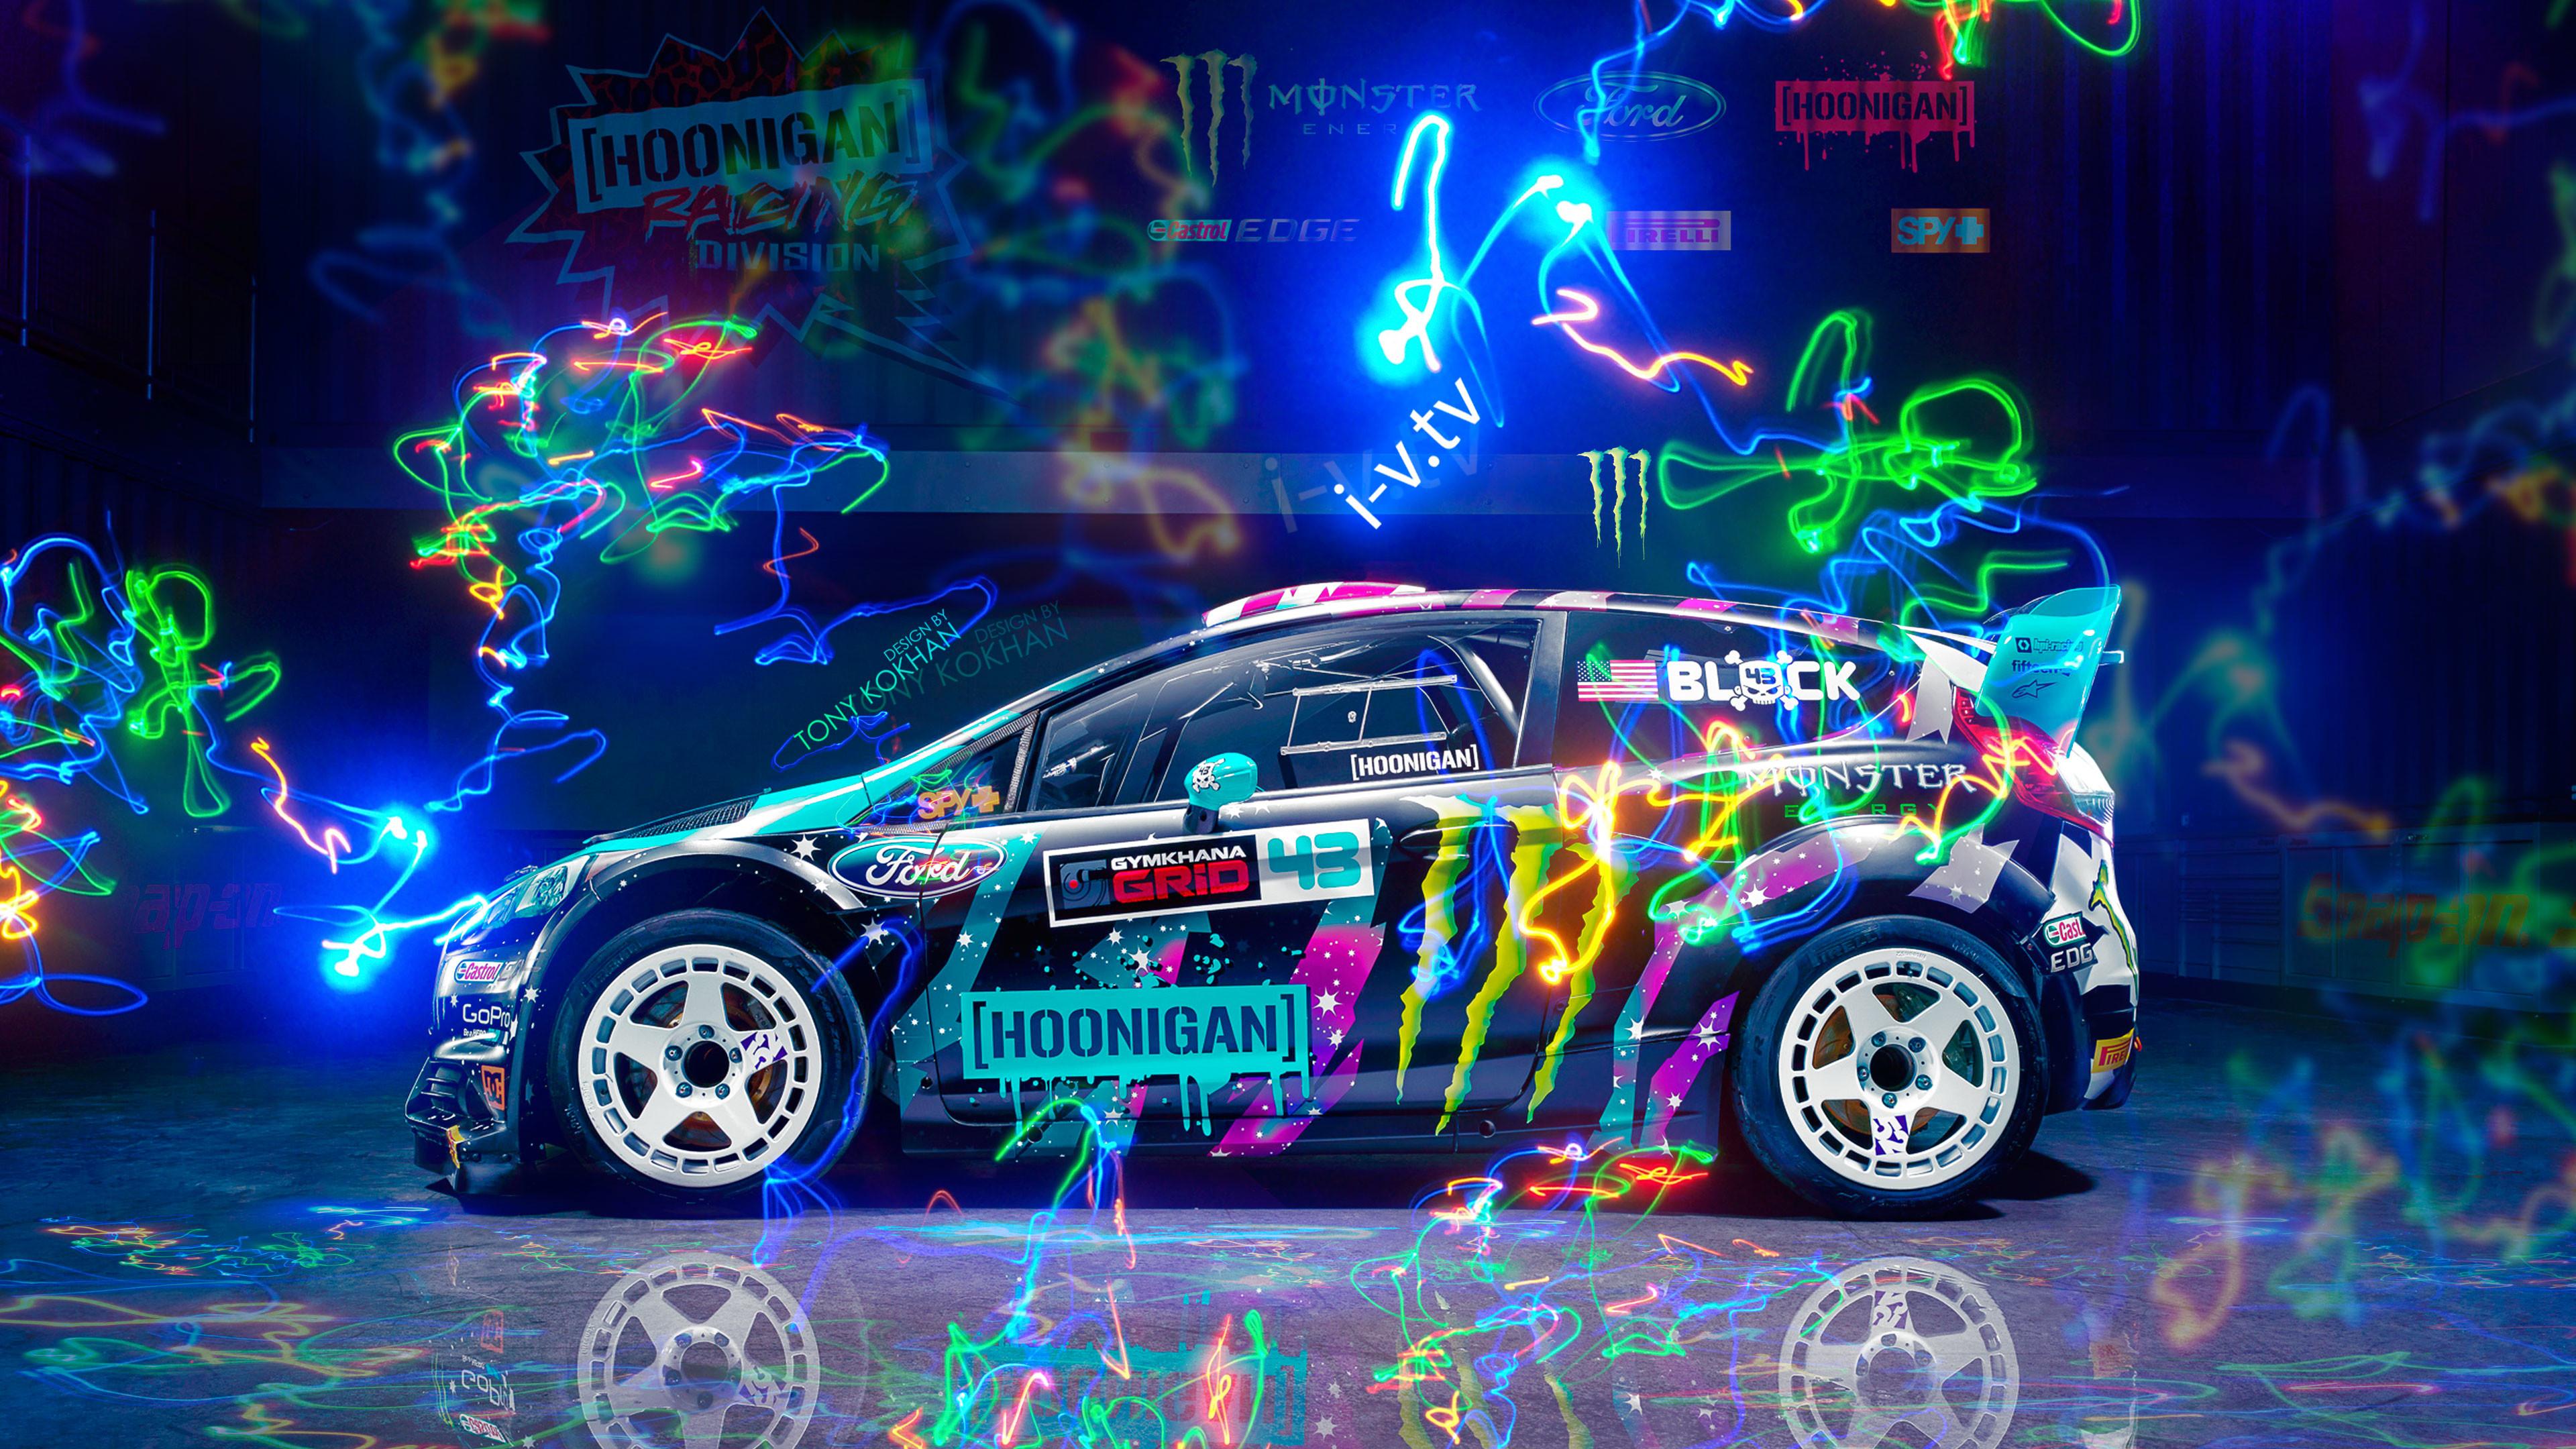 3d Neon Desktop Wallpapers Hoonigan Wallpapers 76 Images